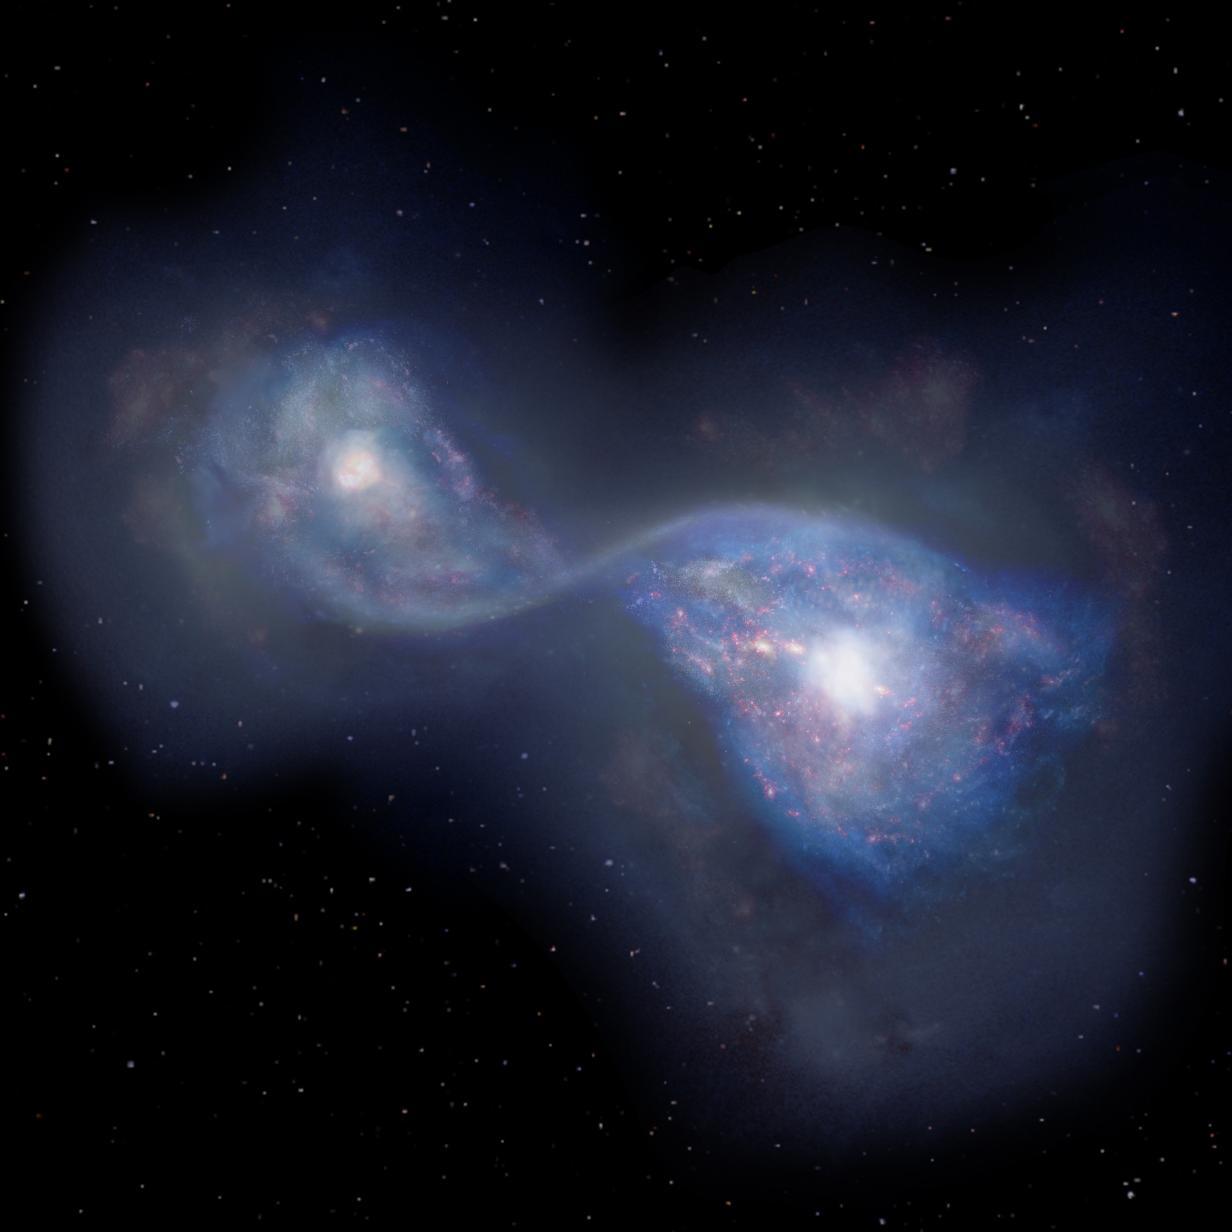 Astronomen beobachten zwei Galaxien beim Verschmelzen